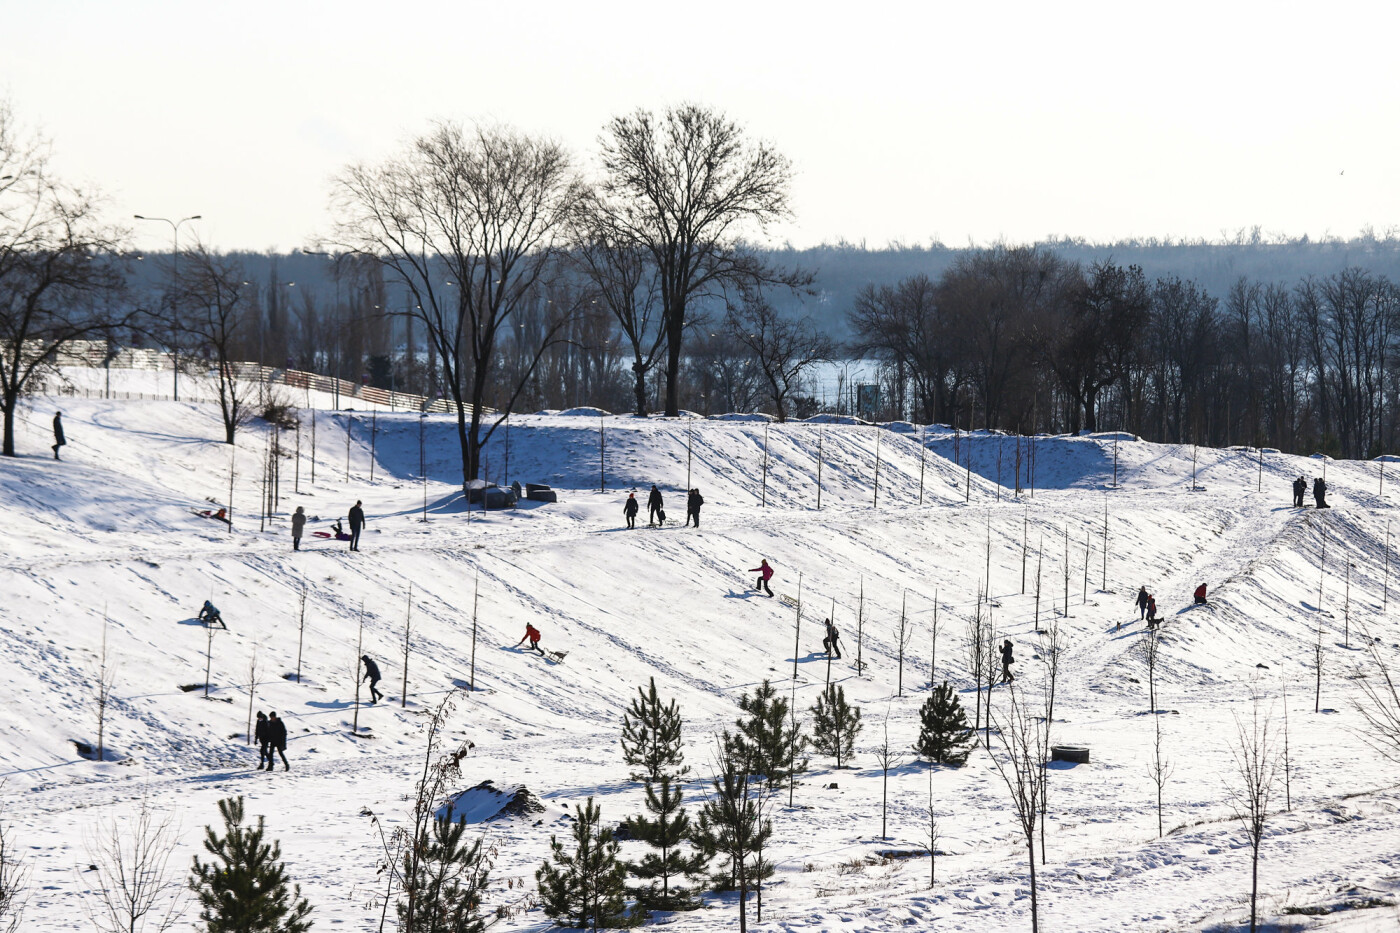 На санках, лыжах и сноуборде: запорожцы устроили массовое катание с горок в Вознесеновском парке, - ФОТОРЕПОРТАЖ, фото-2